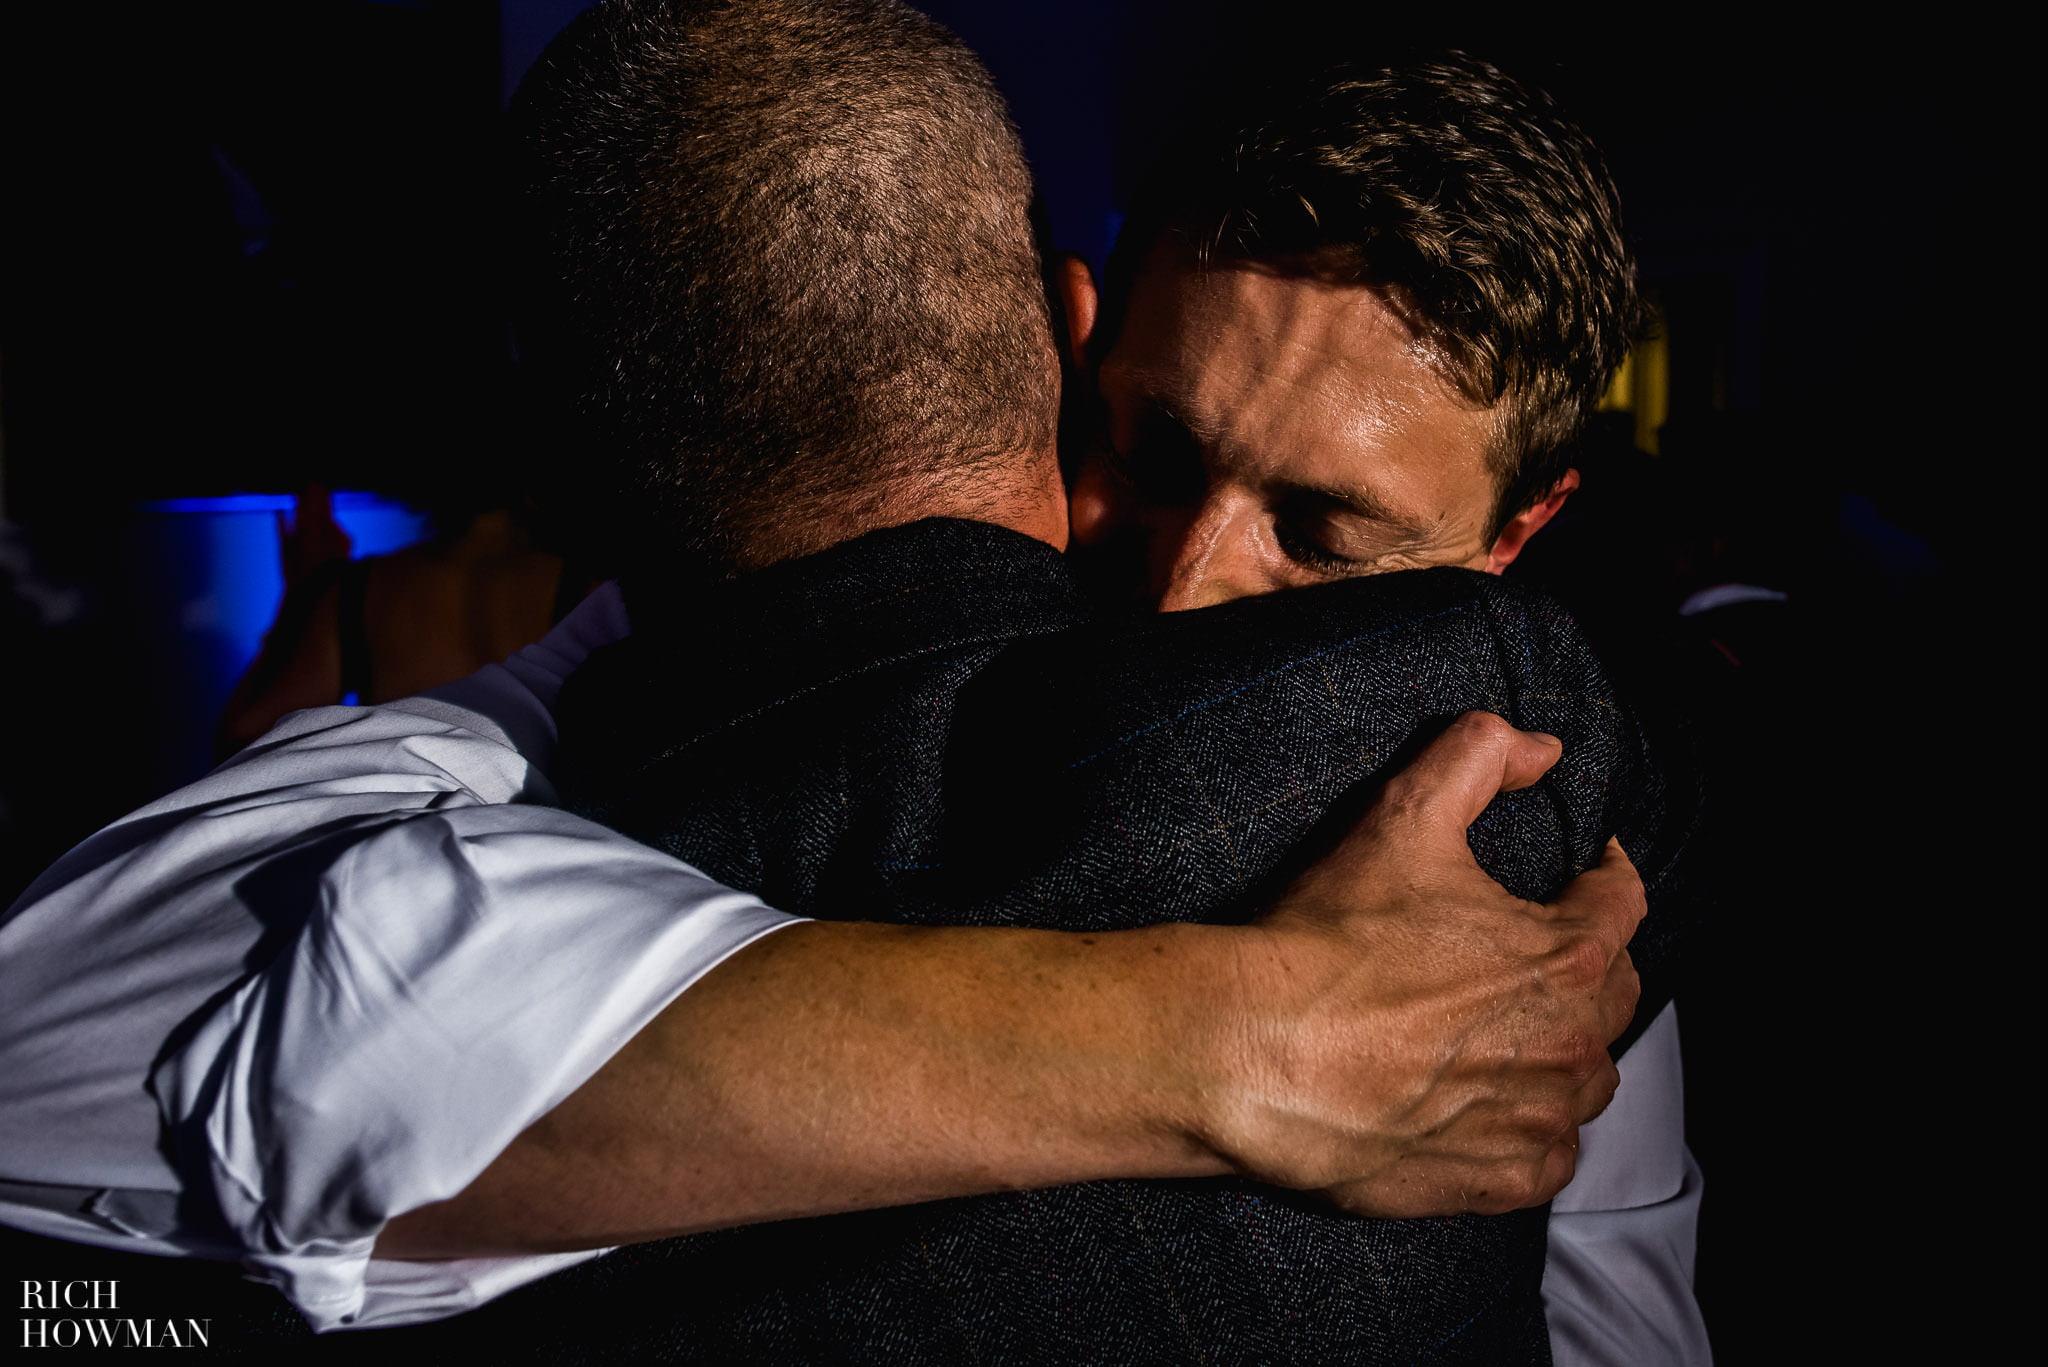 Emotional hug during a wedding at Kew Gardens.